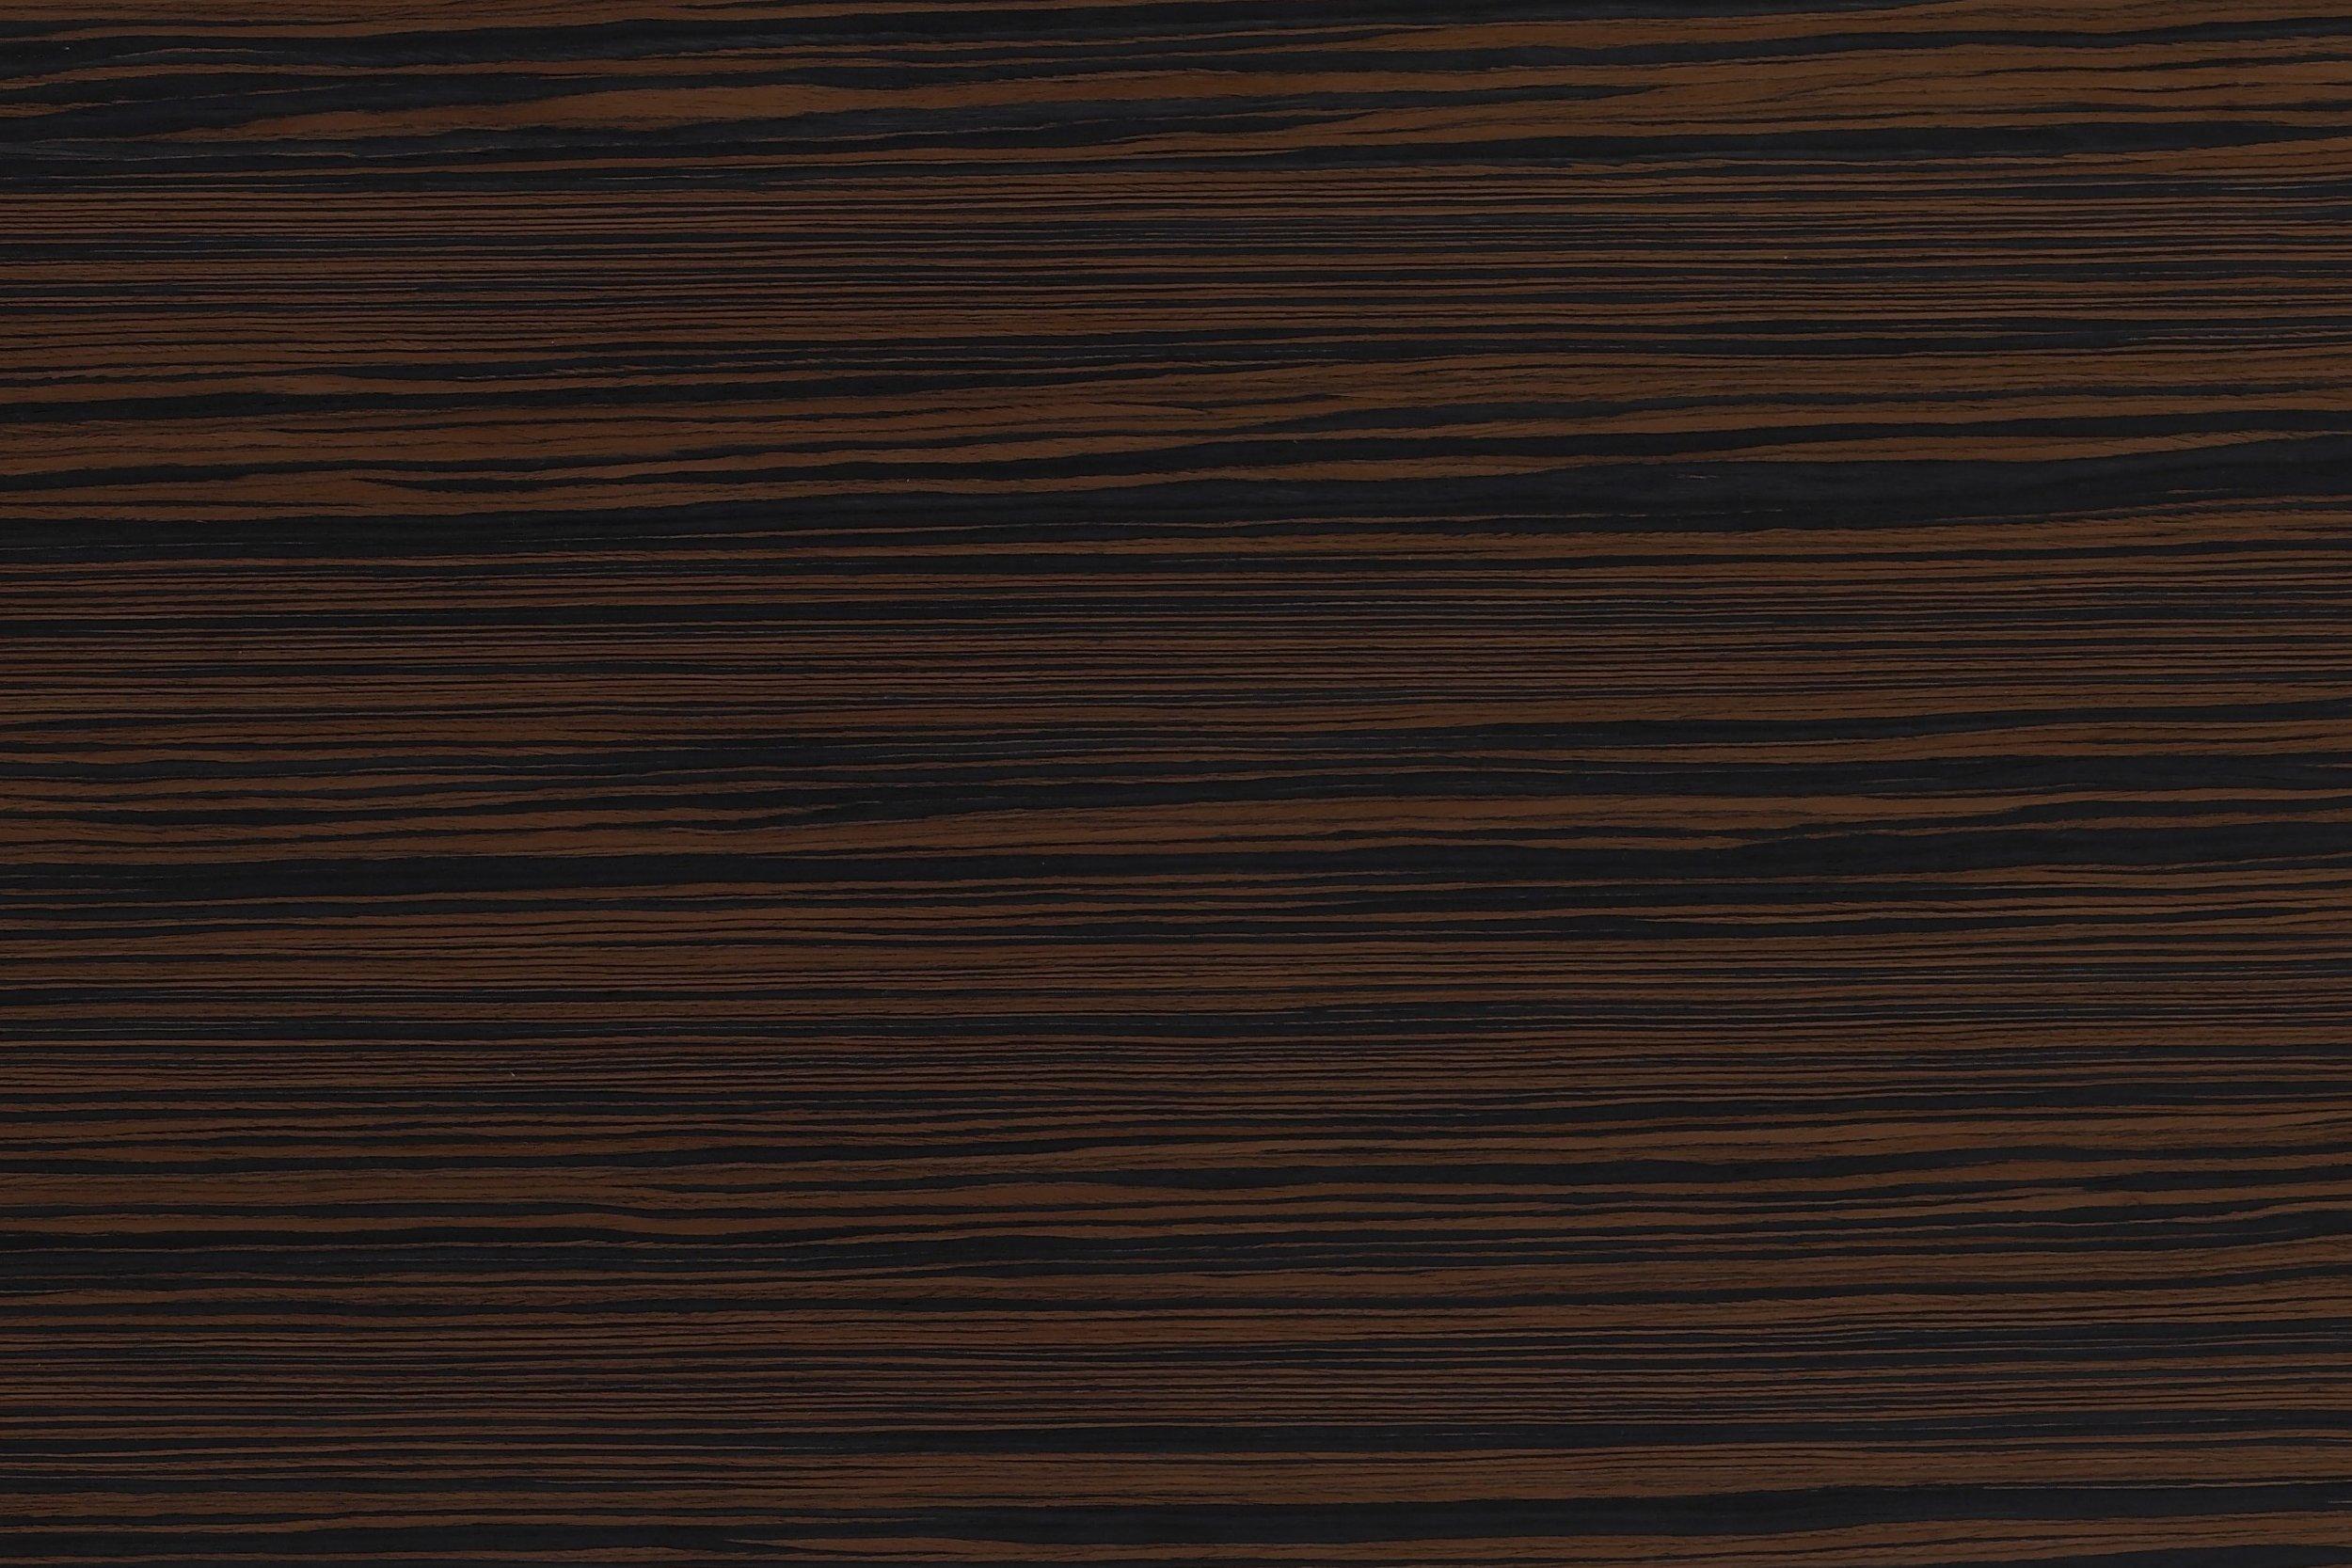 Item+Ebony+ST+2E+149+%28250x60cm%29+no+tiling.jpg